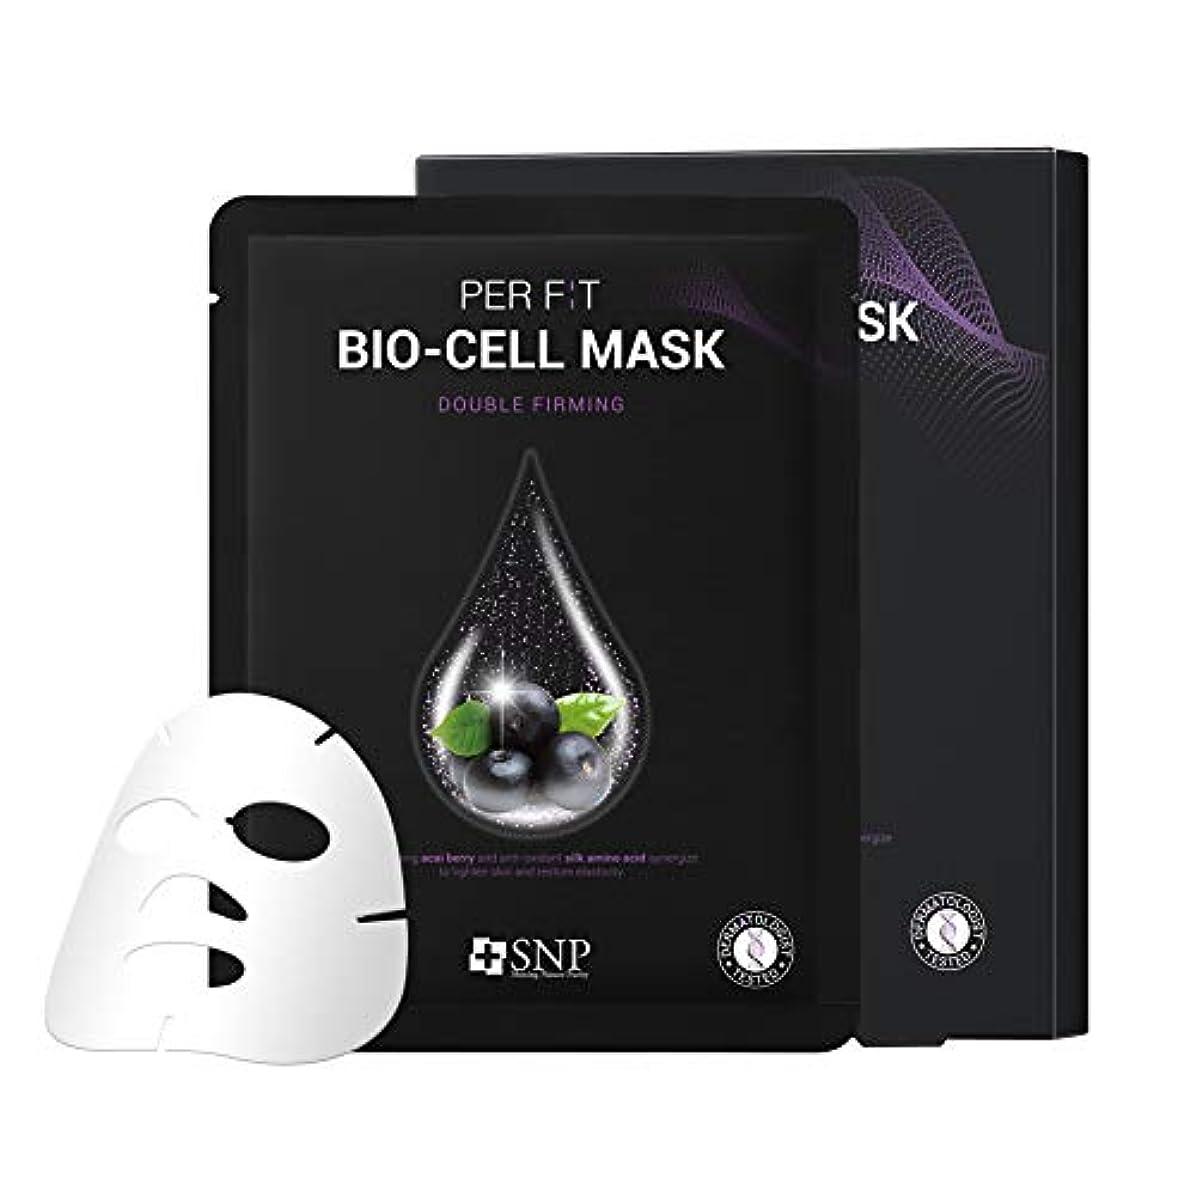 子供っぽいエンディング定数【SNP公式】パーフィット バイオセルマスク ダブルファーミング 5枚セット / PER F:T BIO-CELL MASK DOUBLE FIRMING 韓国パック 韓国コスメ パック マスクパック シートマスク